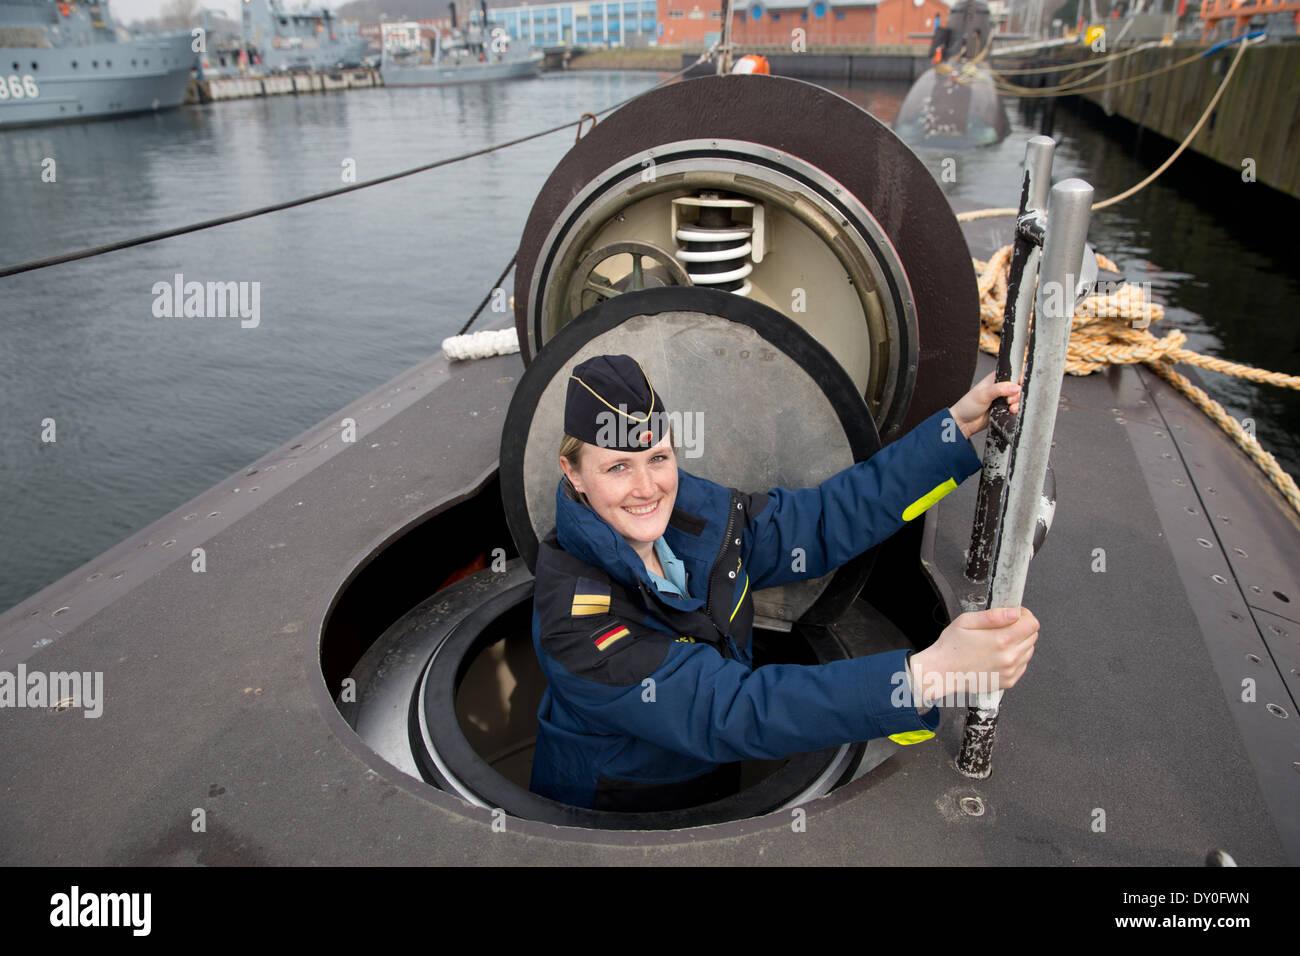 Eckernfoerde, Alemania. 02Nd Abr, 2014. El Teniente Janine Asseln juntas el submarino U-32 en el puerto de la Base Naval en Eckernfoerde, Alemania, 02 de abril de 2014. Los 27 años de edad es Alemania la primera mujer oficial del reloj a bordo de un submarino, y ha sido miembro de la tripulación de Delta submarineros desde enero de 2014. Foto: Christian Charisius/dpa/Alamy Live News Imagen De Stock